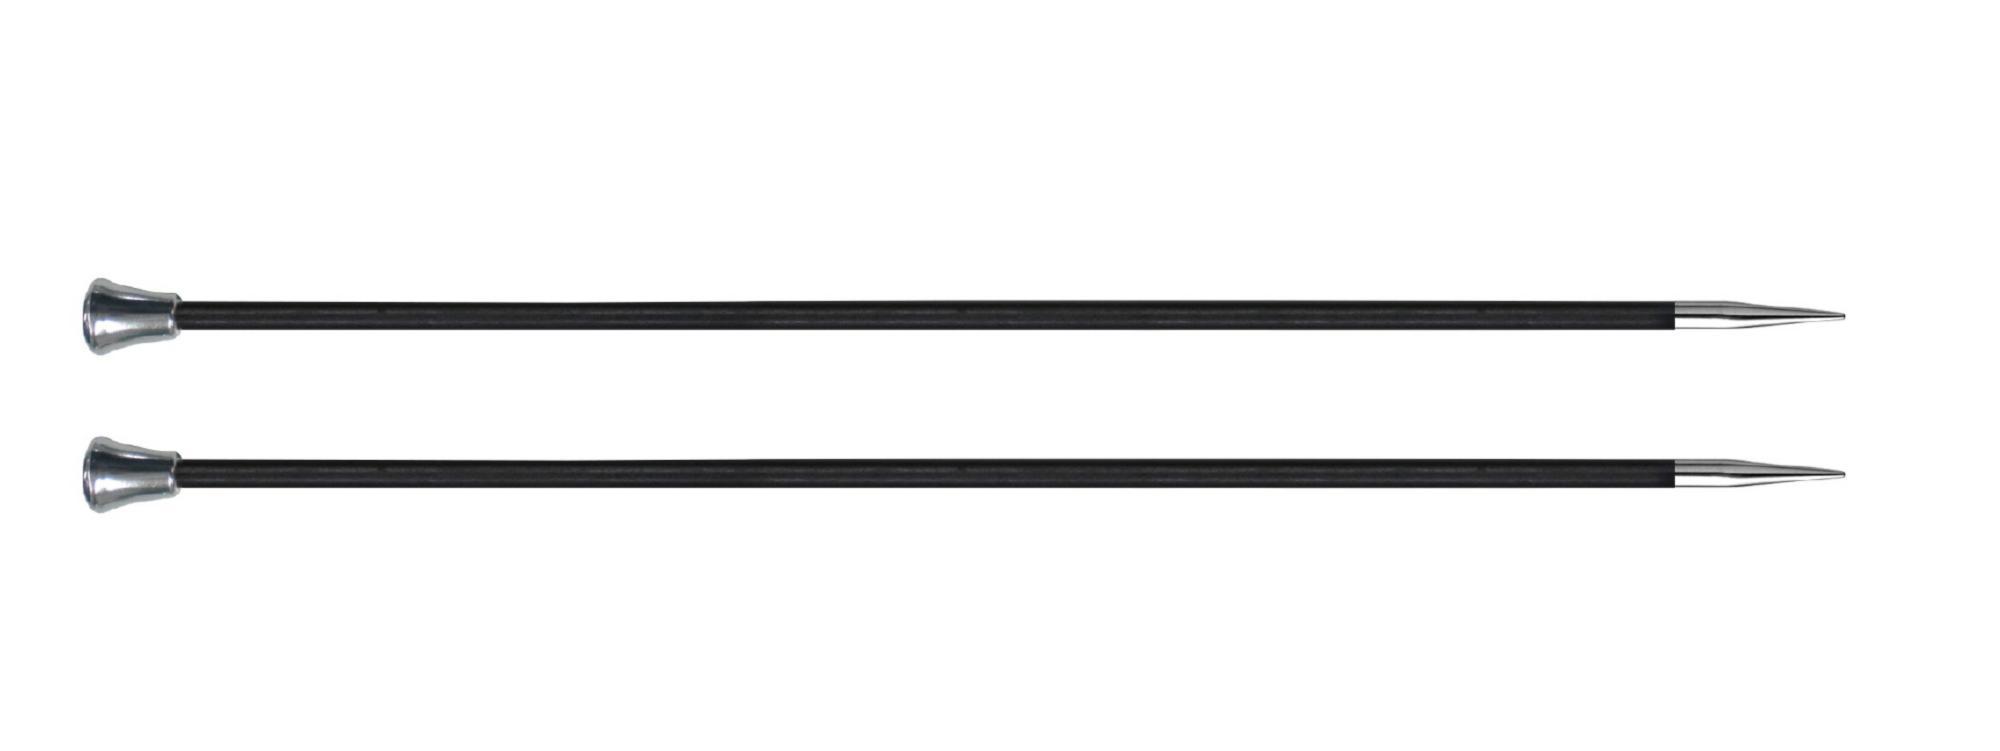 Спицы прямые 35 см Karbonz KnitPro, 41284, 3.00 мм